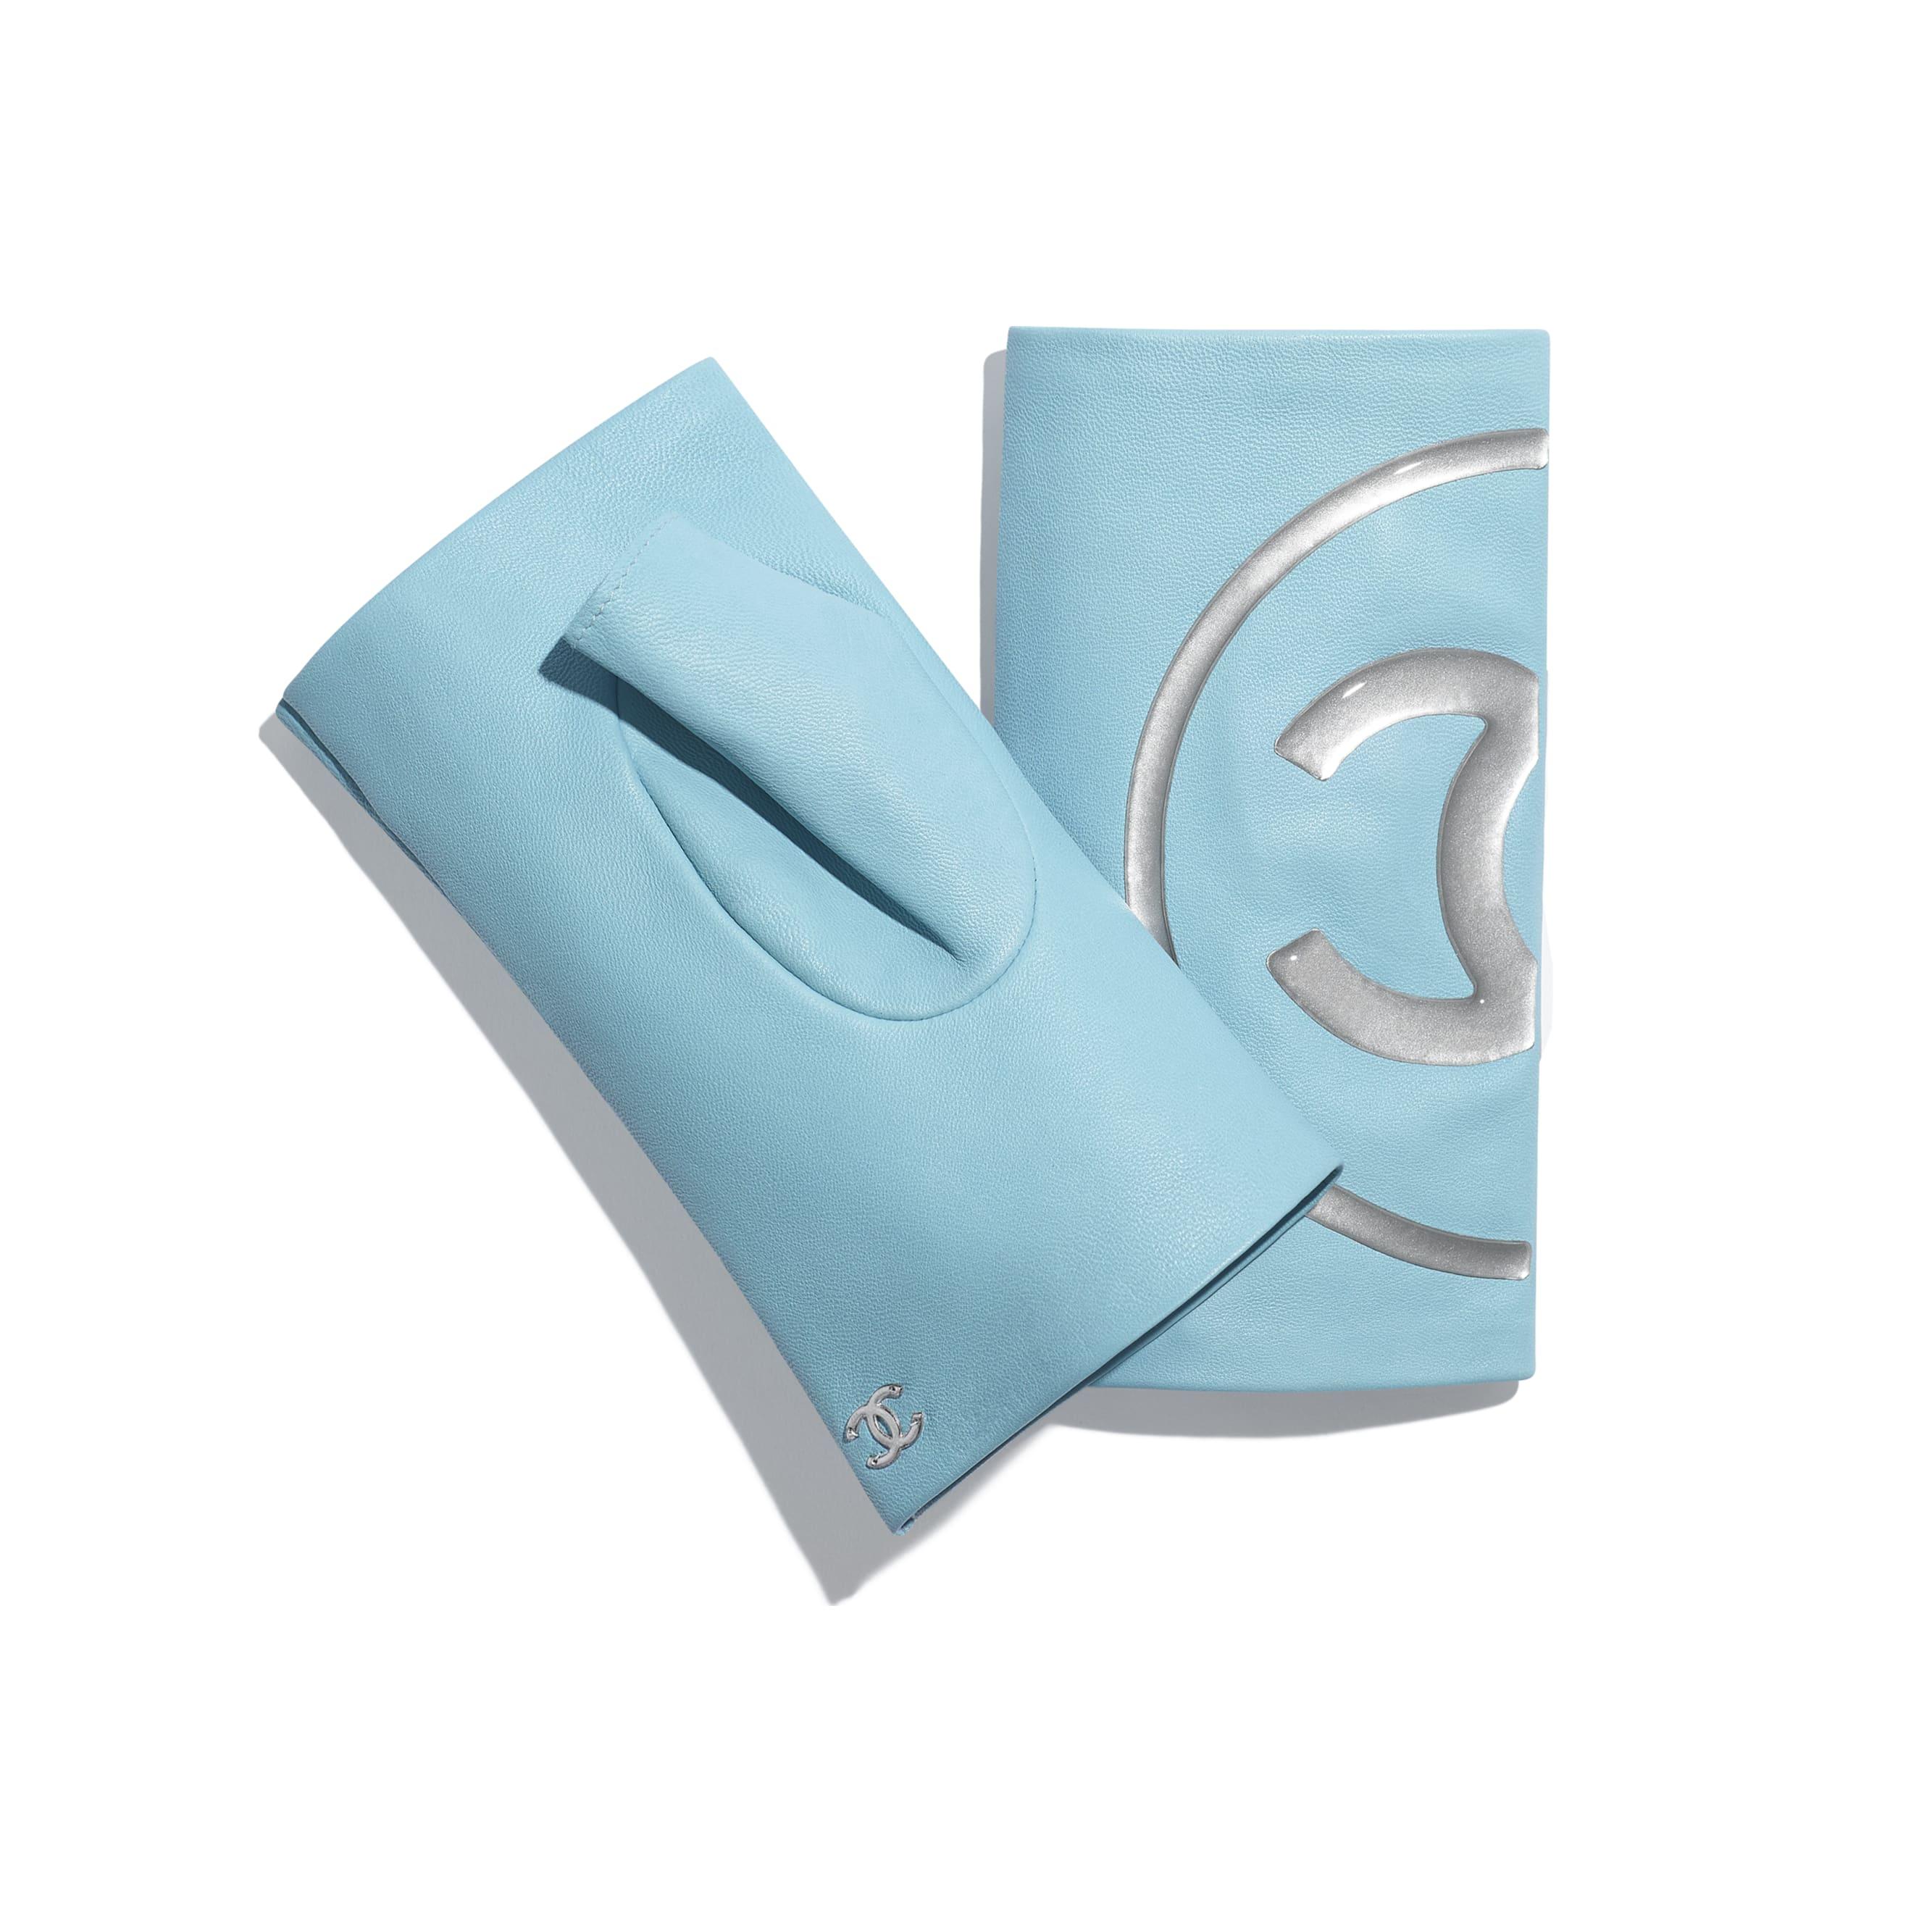 Rękawiczki - Kolor niebieski i szary - Skóra jagnięca - Widok alternatywny – zobacz w standardowym rozmiarze